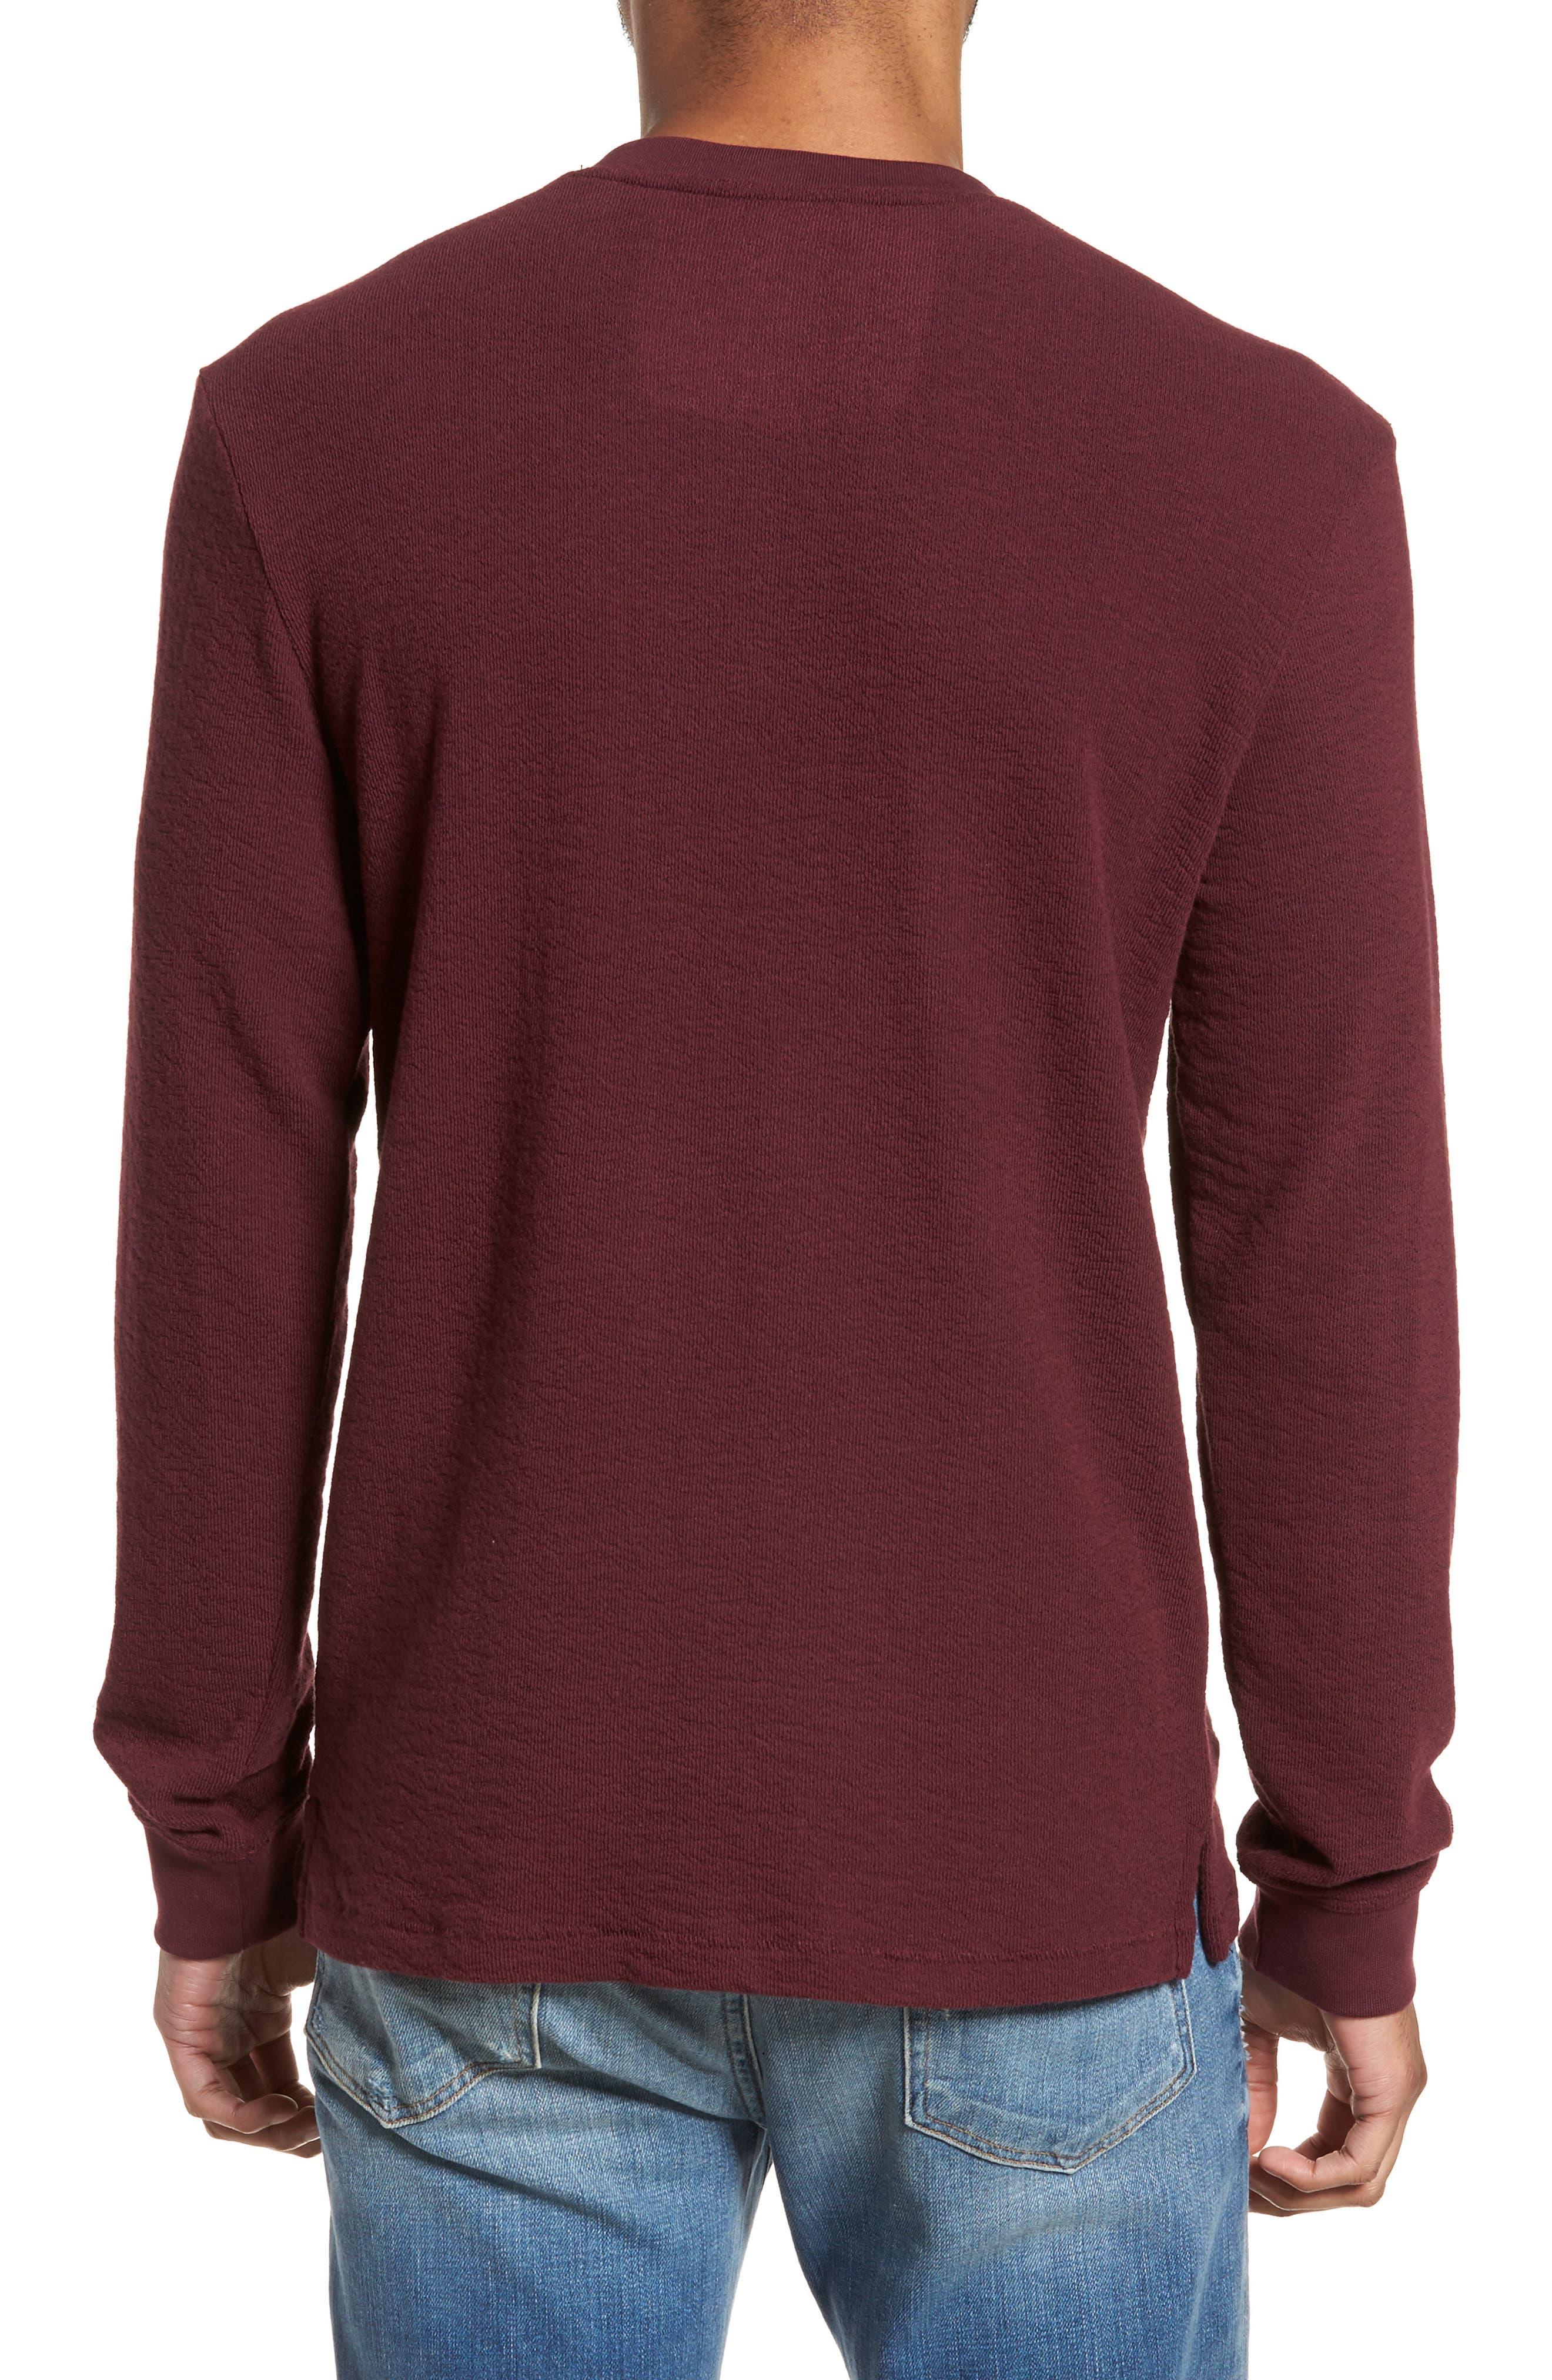 Alternate Image 2  - Treasure & Bond Canyon Long Sleeve Henley T-Shirt